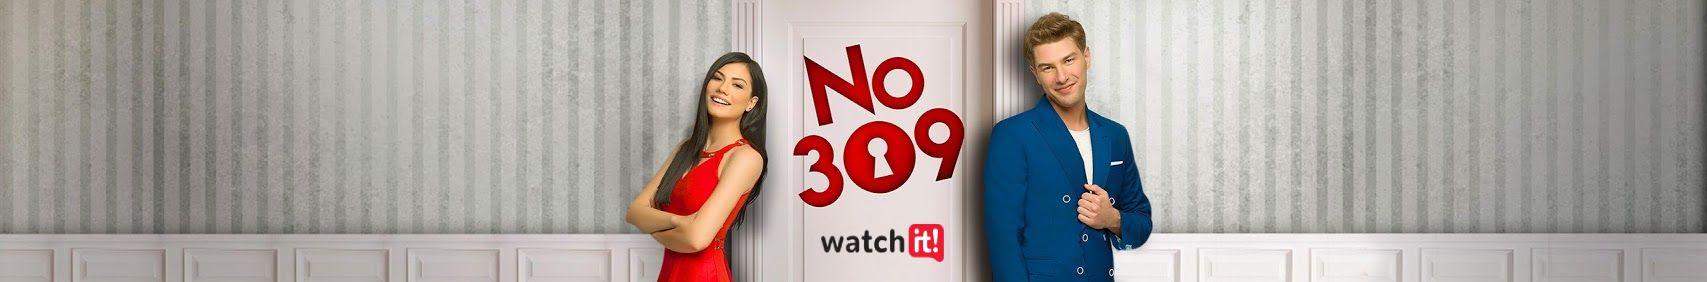 No 309 Season 2 English subtitles